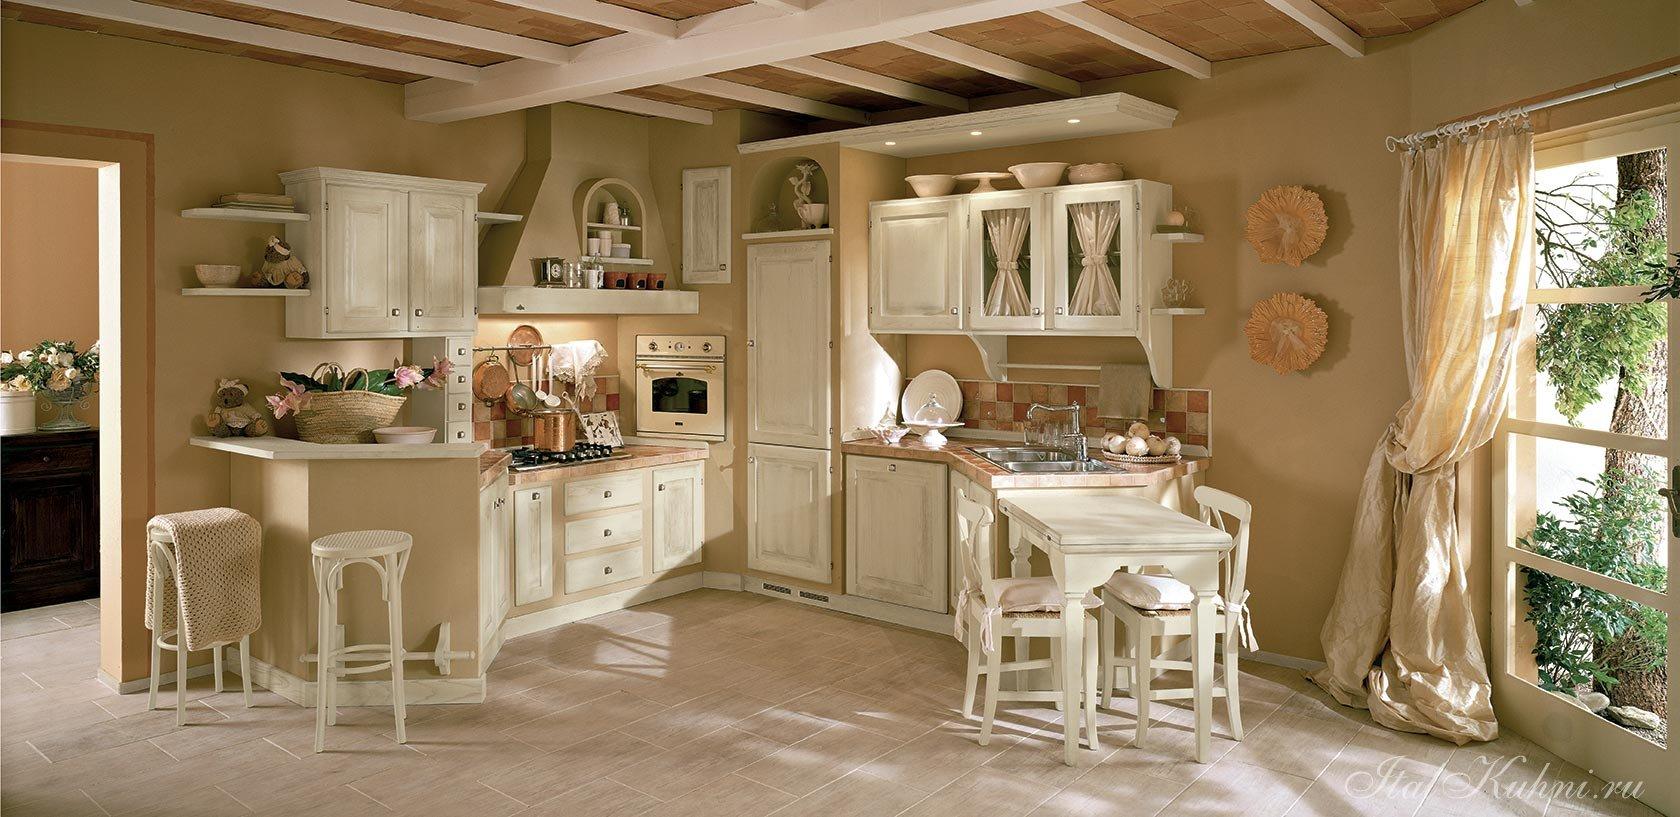 Quanto costa una cucina in muratura